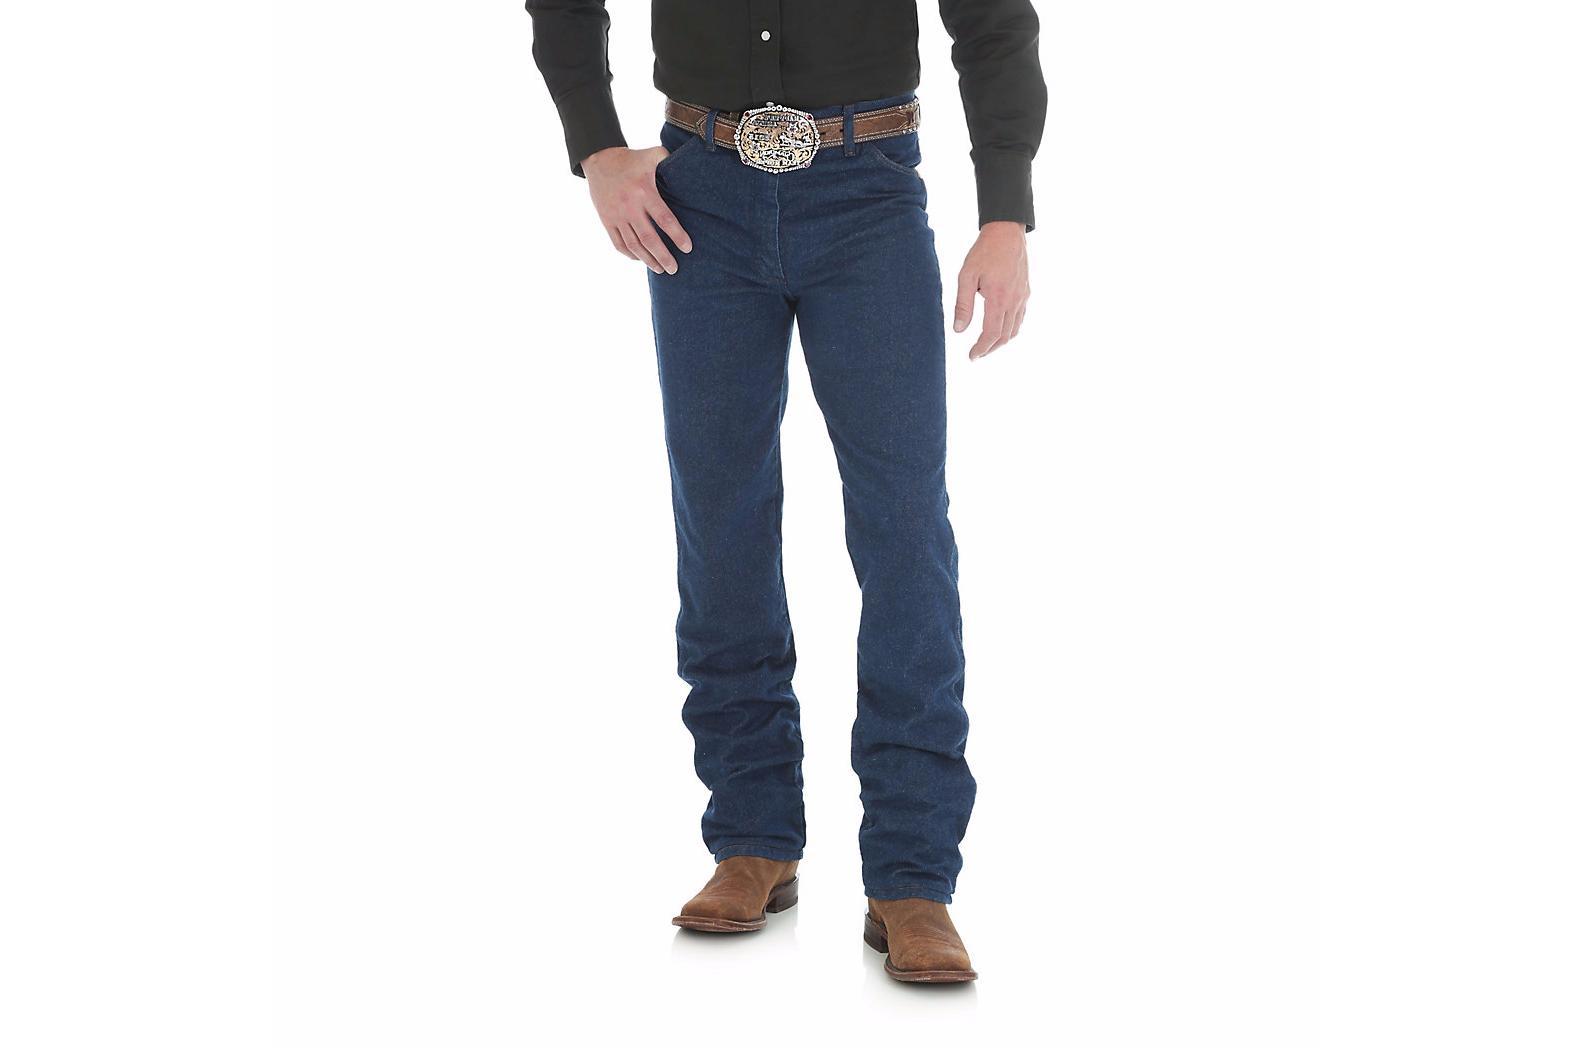 New Cut Slim Jeans Men's Denim